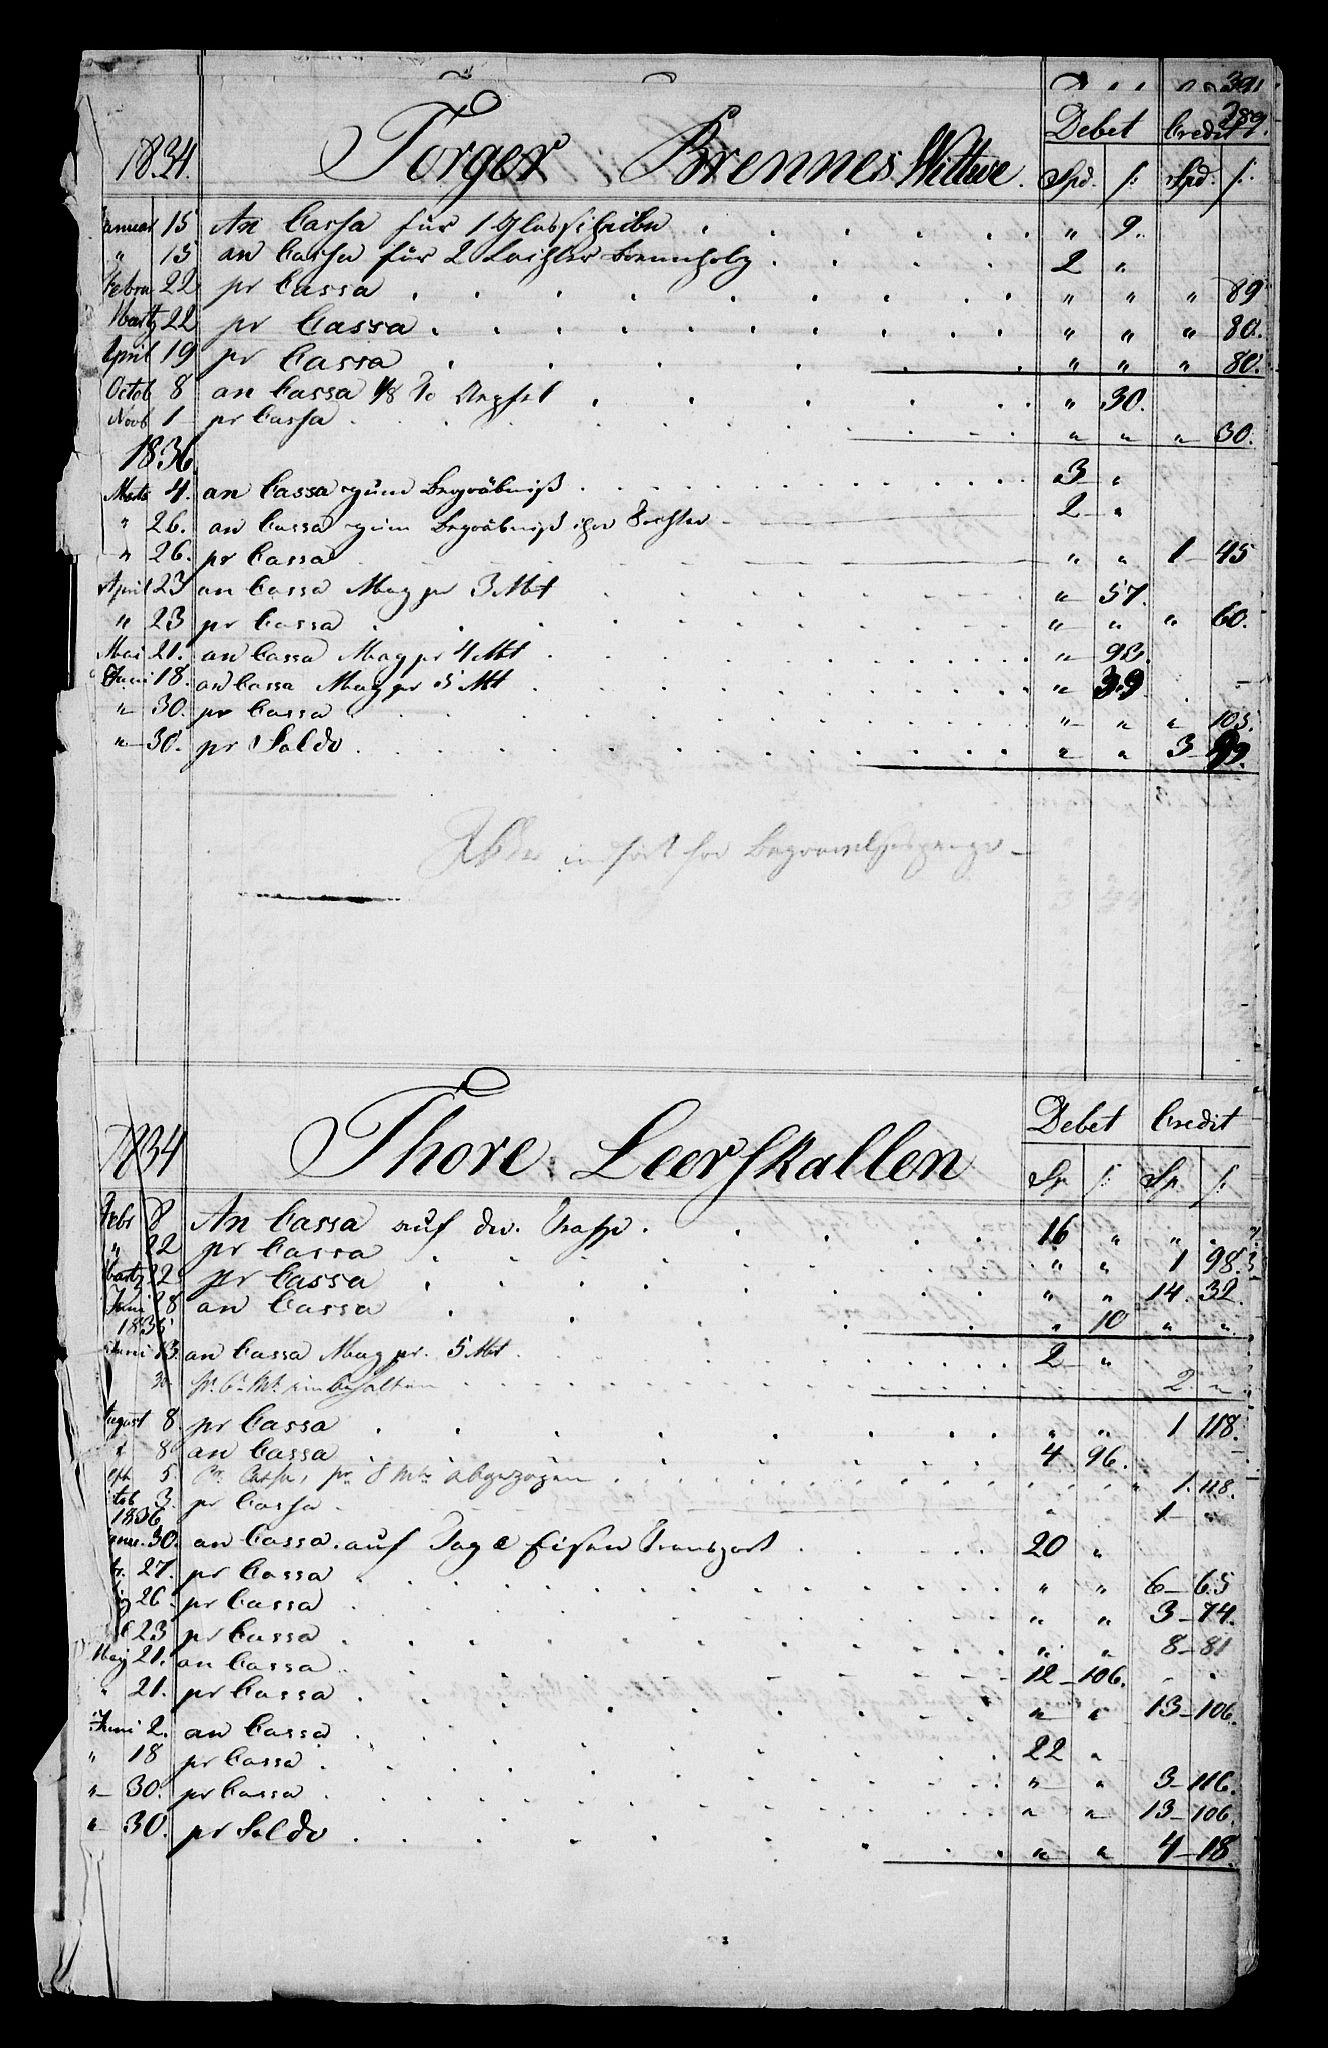 RA, Modums Blaafarveværk, G/Gd/Gdb/L0210: Rester av diverse regnskapsprotokoller, 1822-1849, s. 2